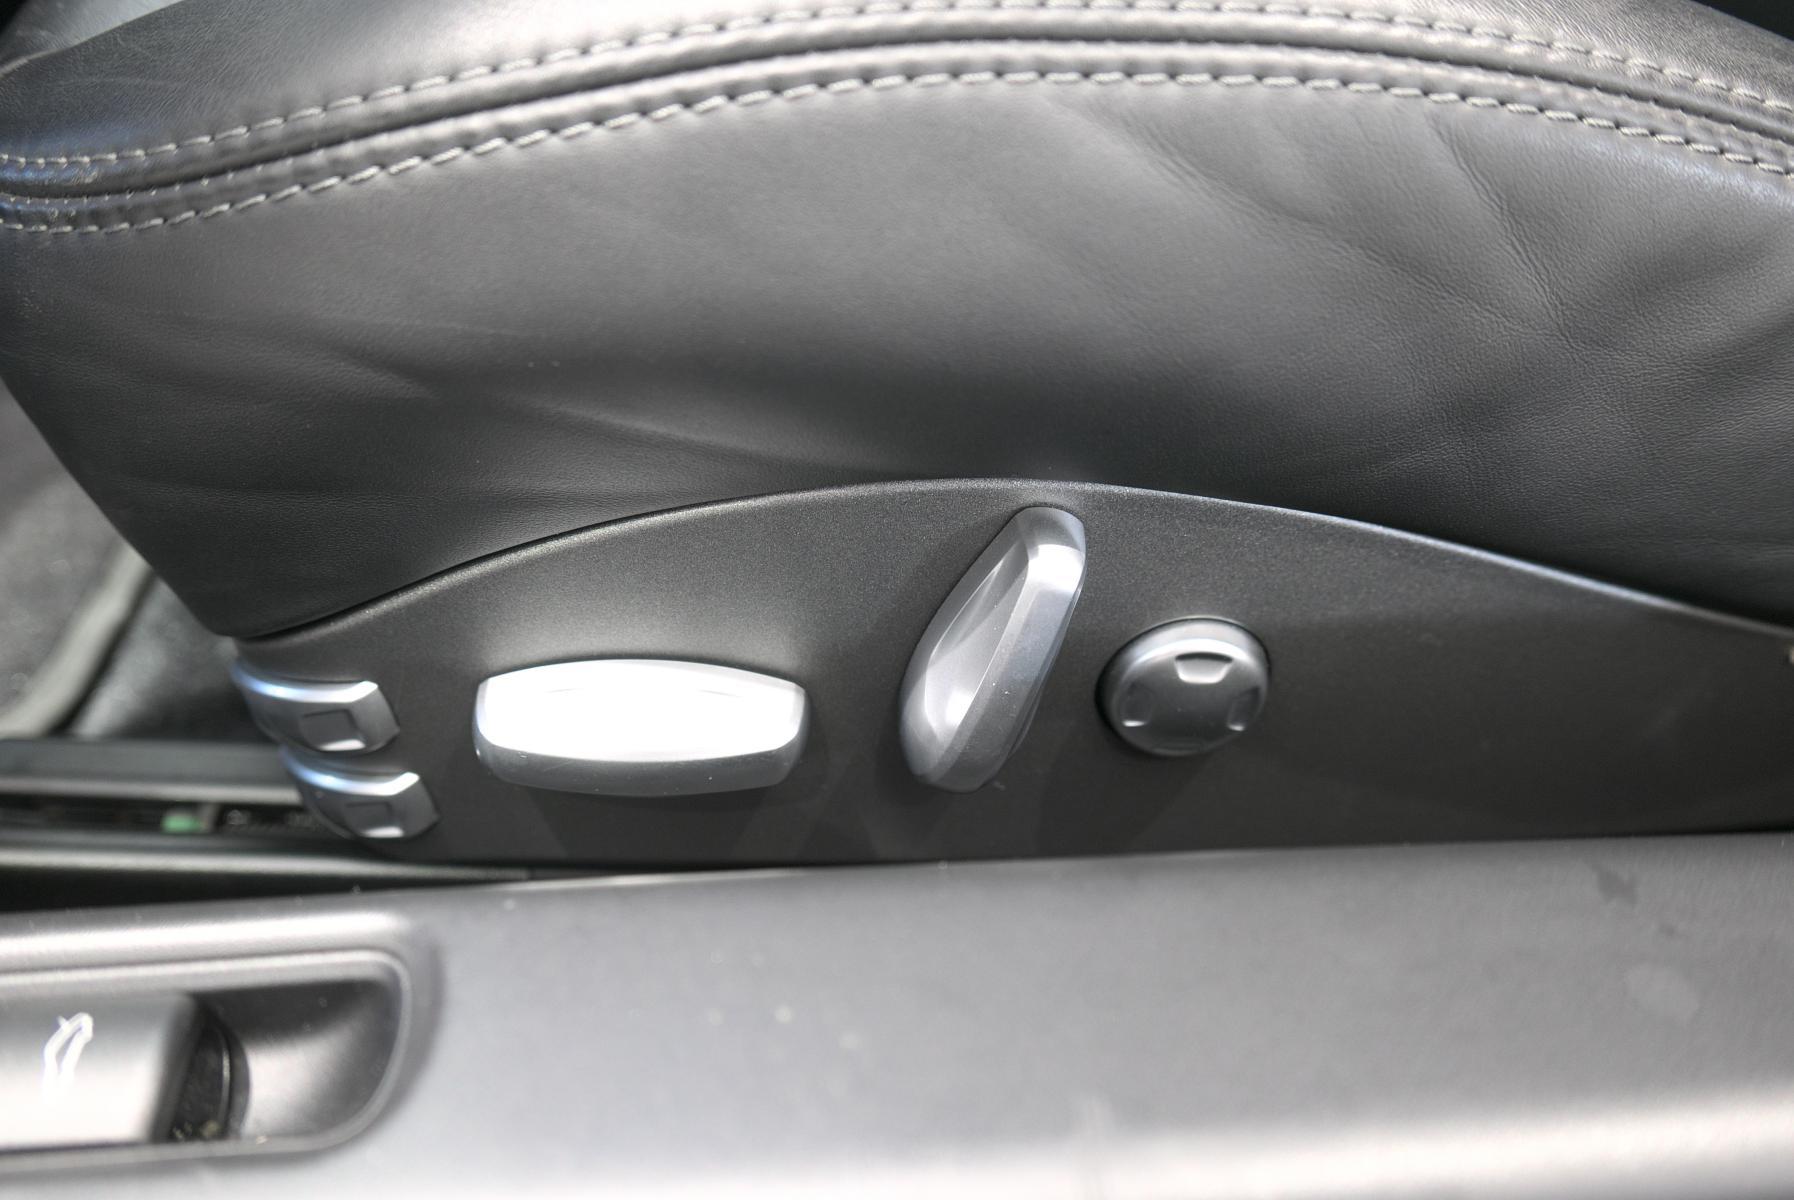 ポルシェ 911 997 運転席パワーシートスイッチ